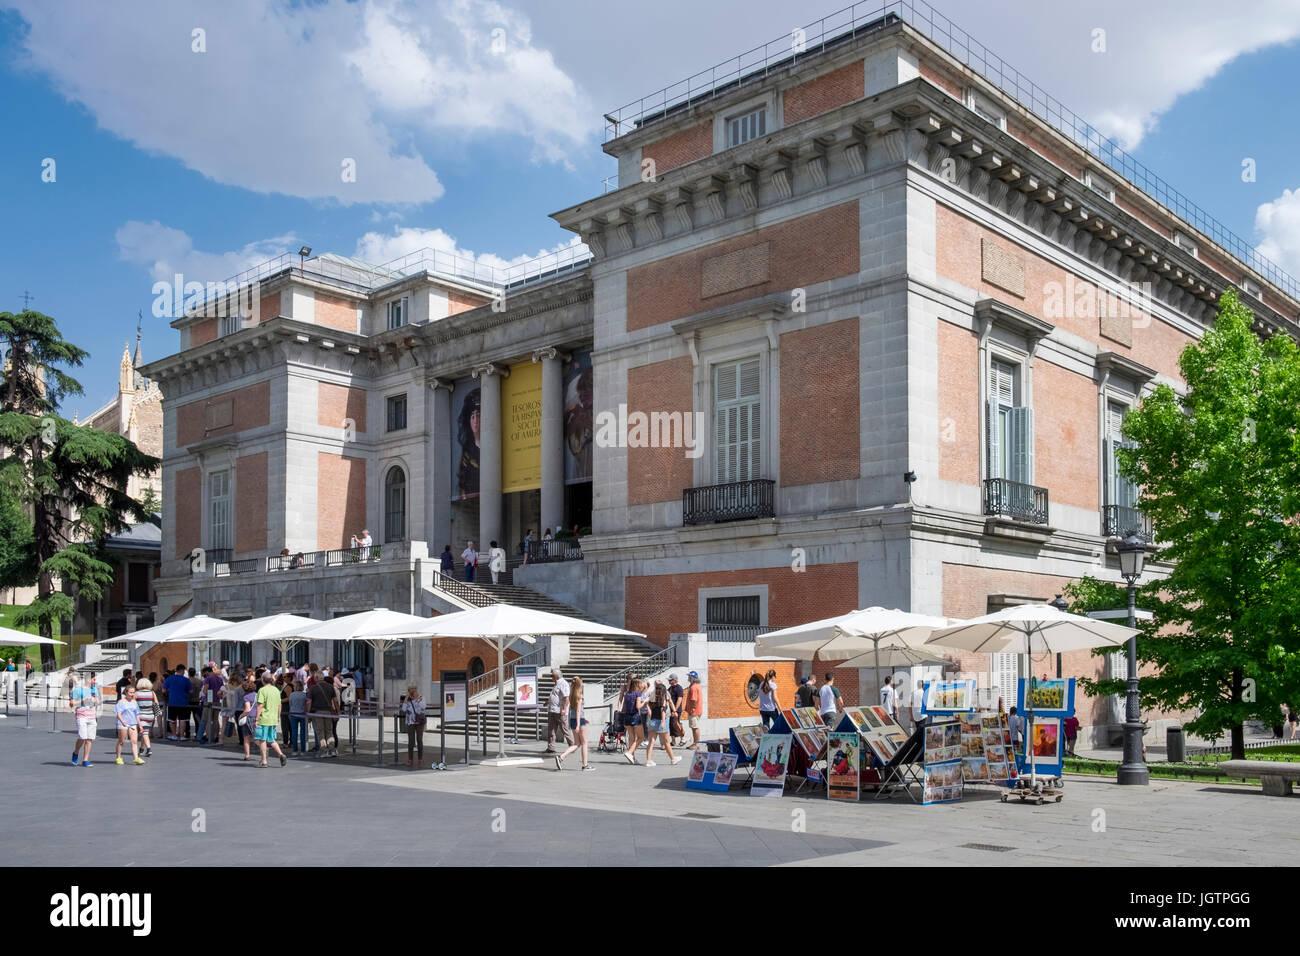 Touristen vor dem Prado-Museum Gebäudeeingang, Madrid, Spanien Stockbild